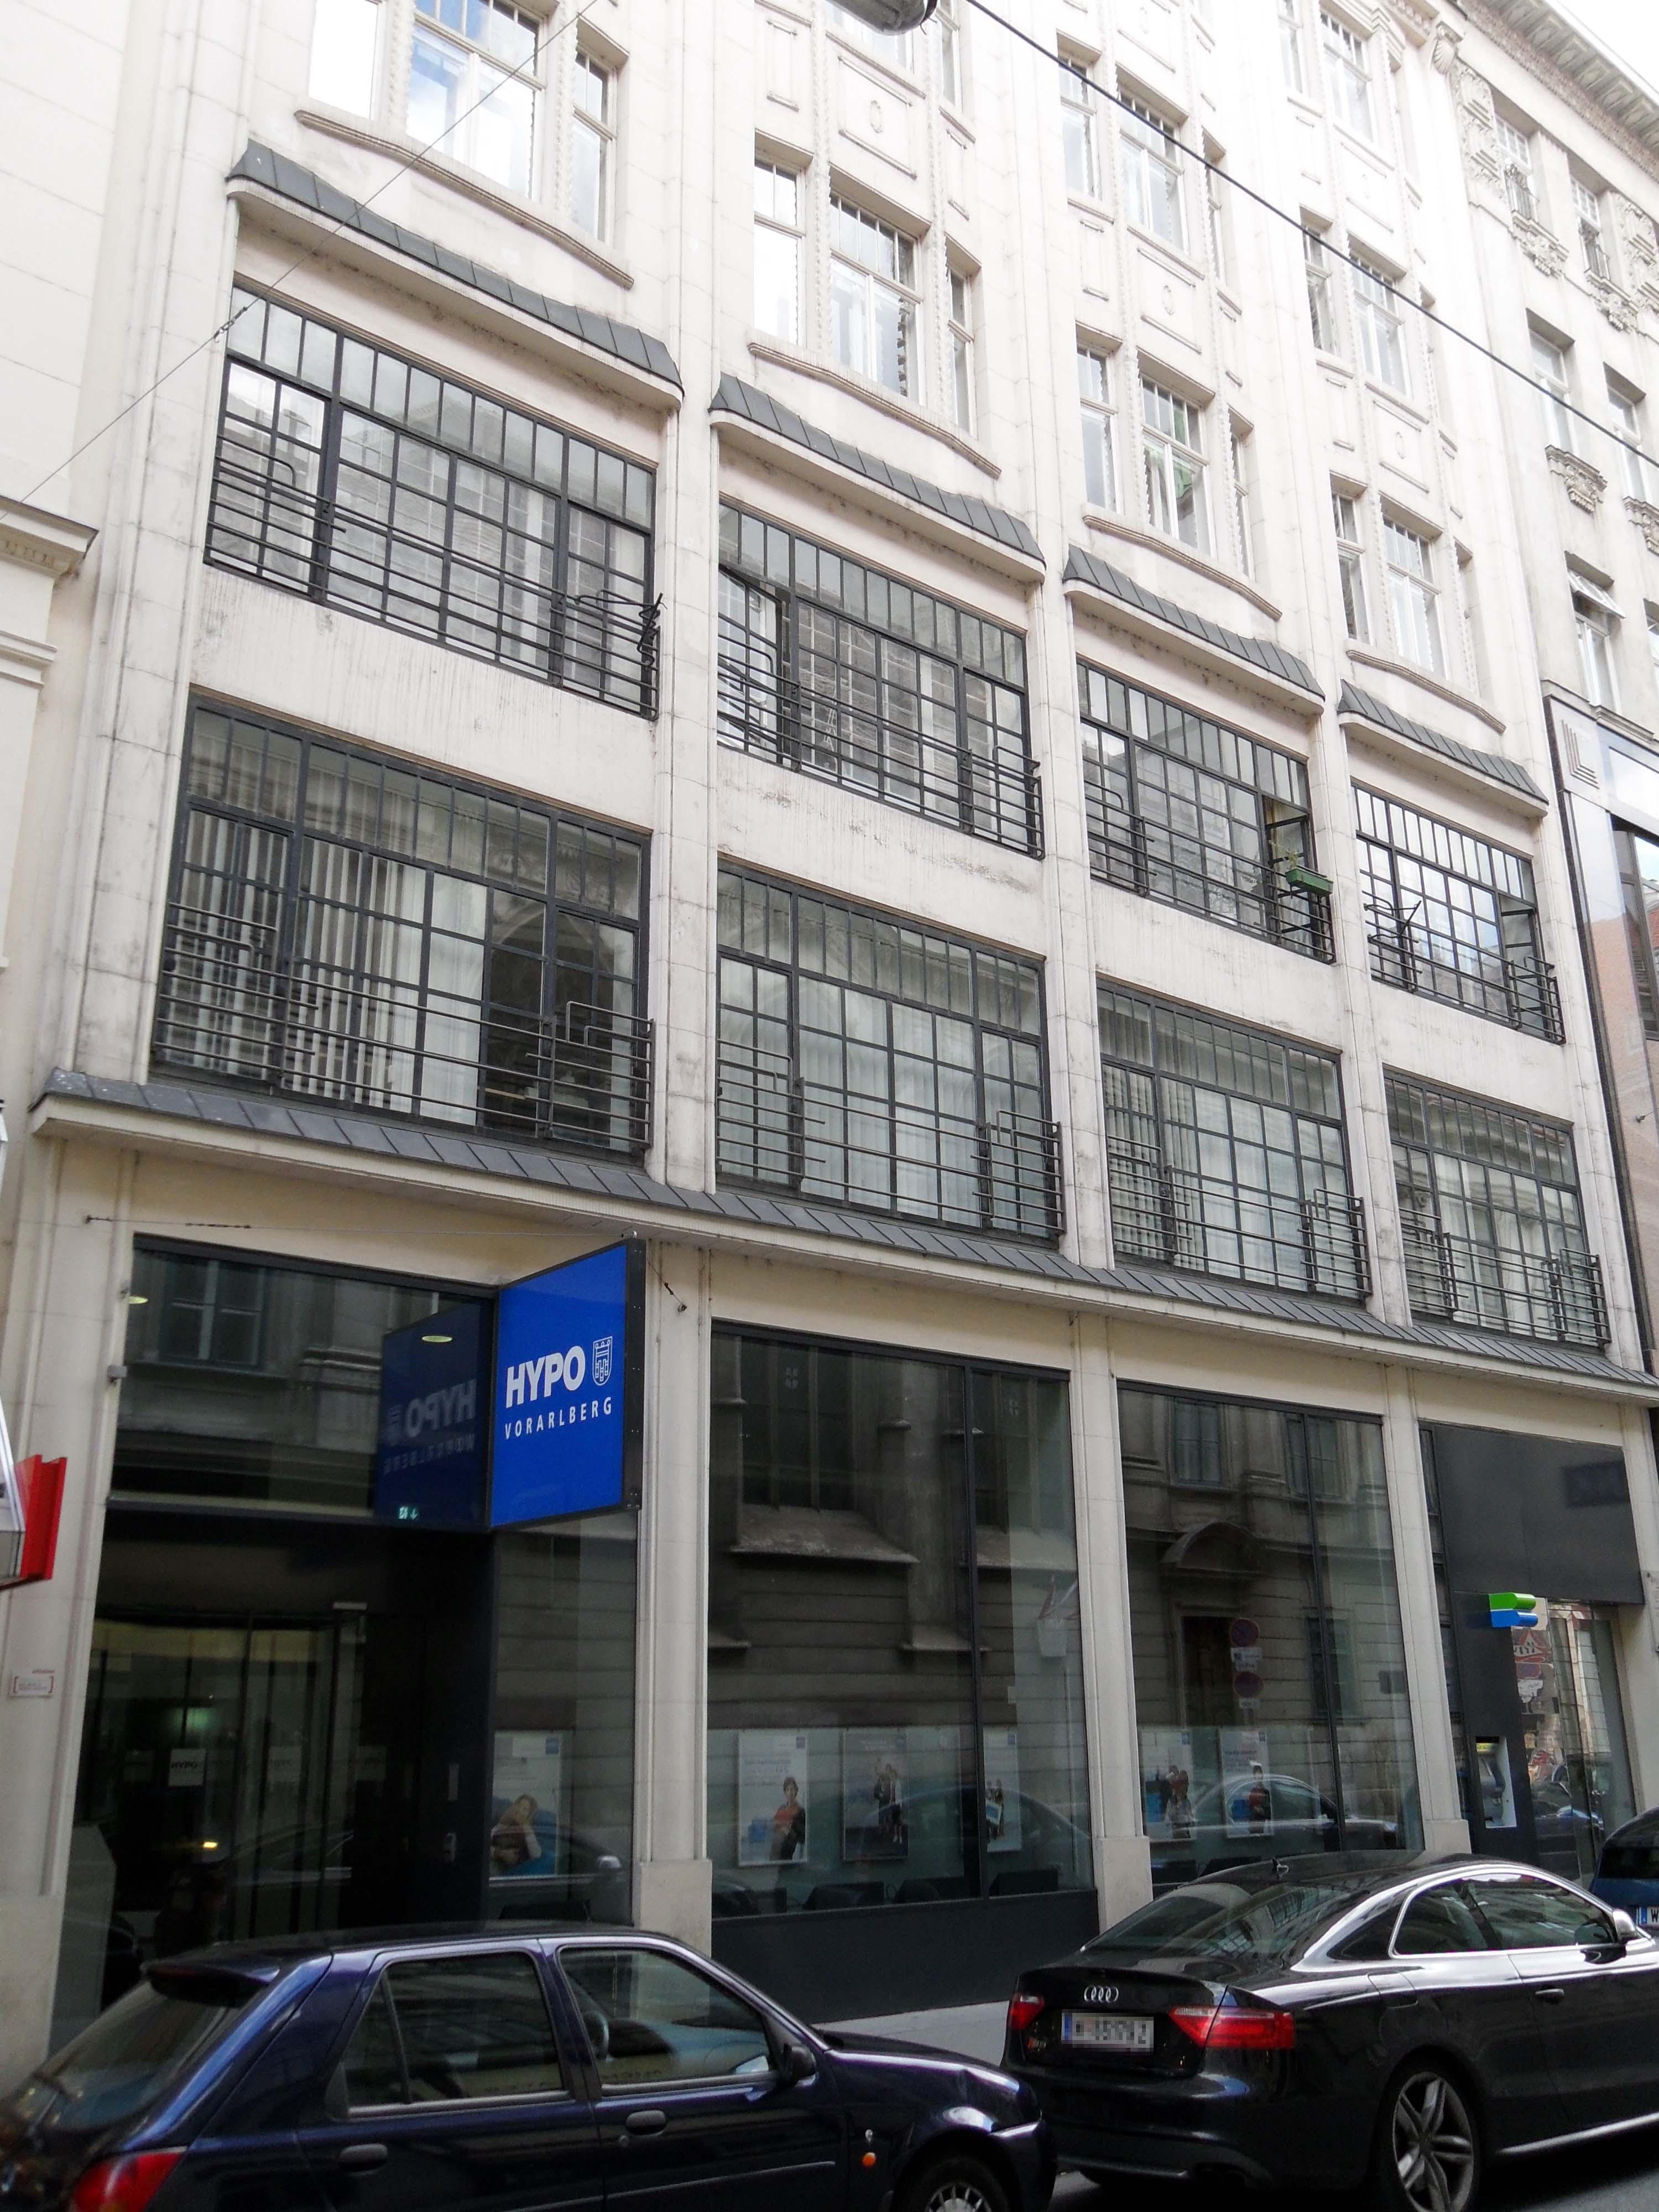 HypobankVorarlberg in Vienna.JPG